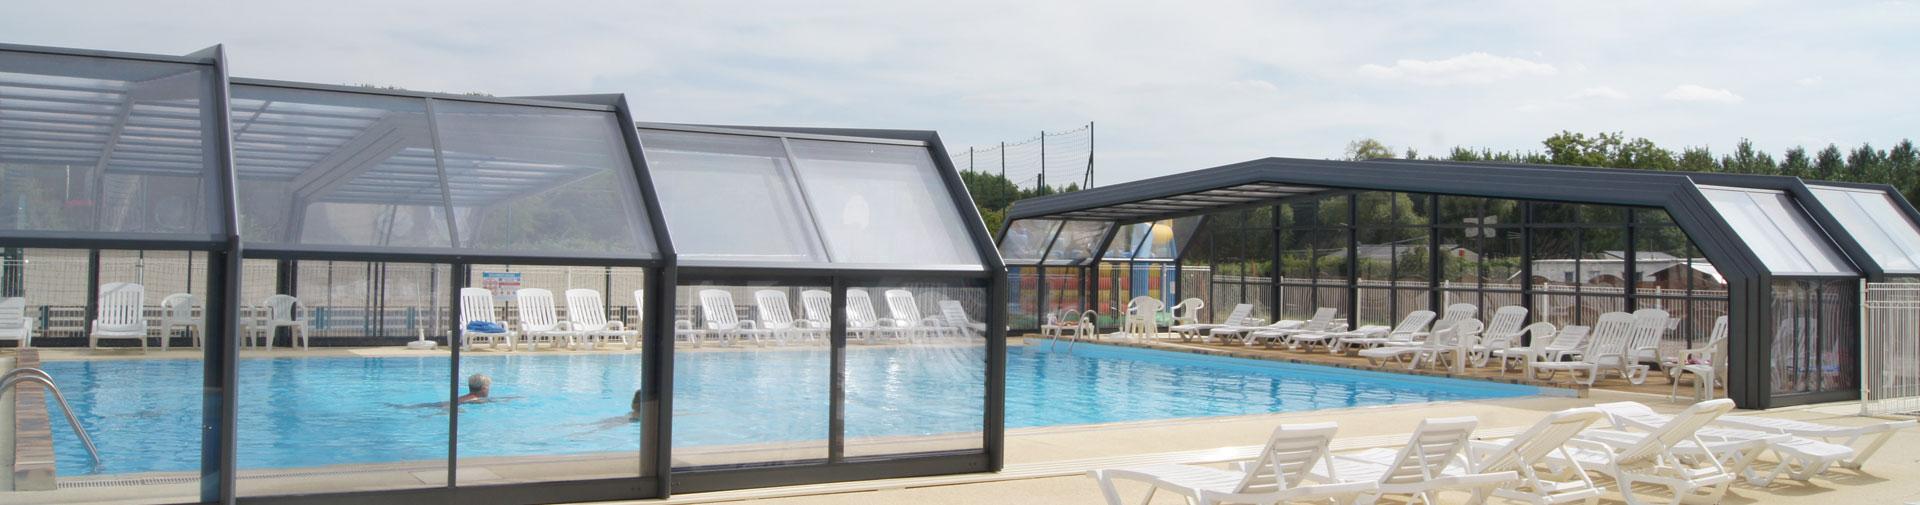 Camping avec piscine couverte en eure et loir camping for Camping auvergne avec piscine couverte